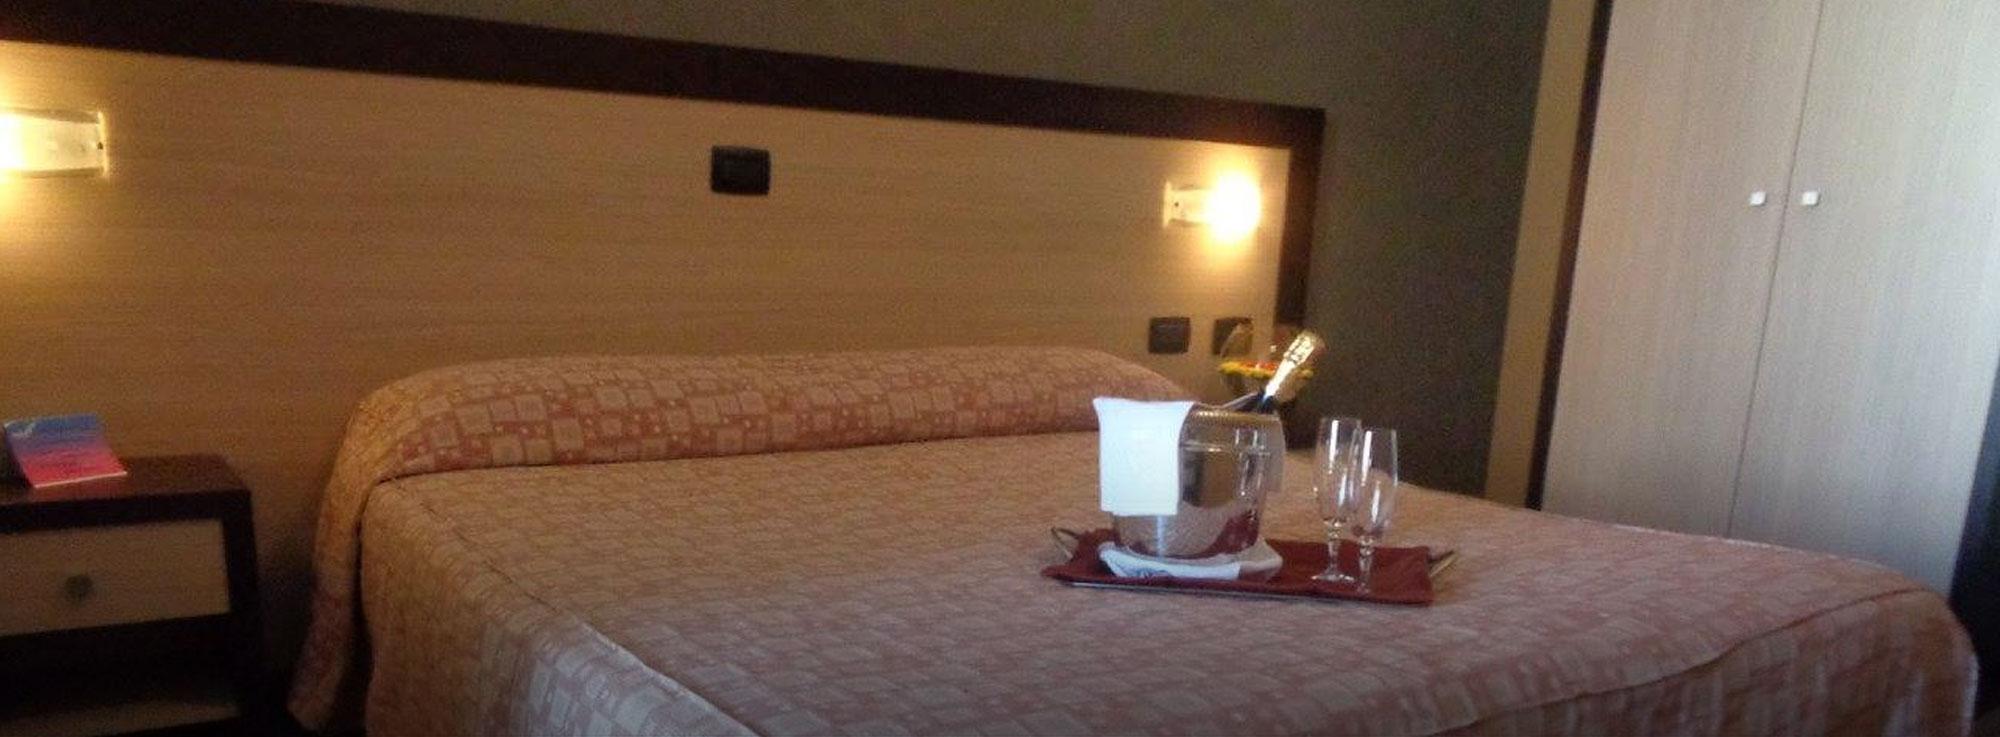 Hotel Airone Trinitapoli